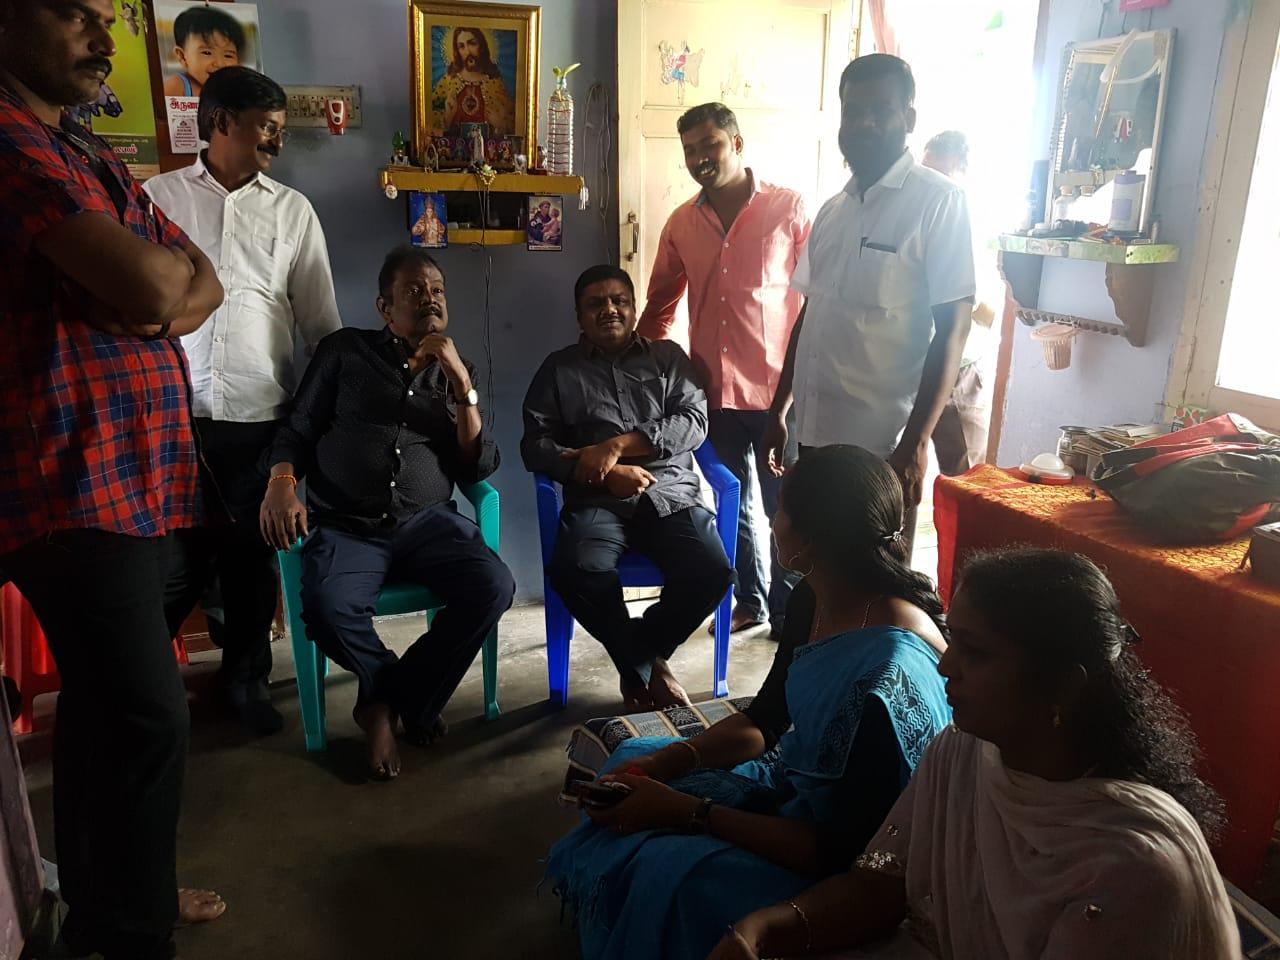 தூத்துக்குடி அரசப் பயங்கரவாதம்: பலிகடாவாக்கப்படும் நாம் தமிழர் கட்சியினர் | வழக்கறிஞர் பாசறை செய்தியாளர் சந்திப்பு thoothukudi shooting killed 13 tamils naam tamilar katchi advocates wing pressmeet thoothukudi press club chandrsekaran raavanan2